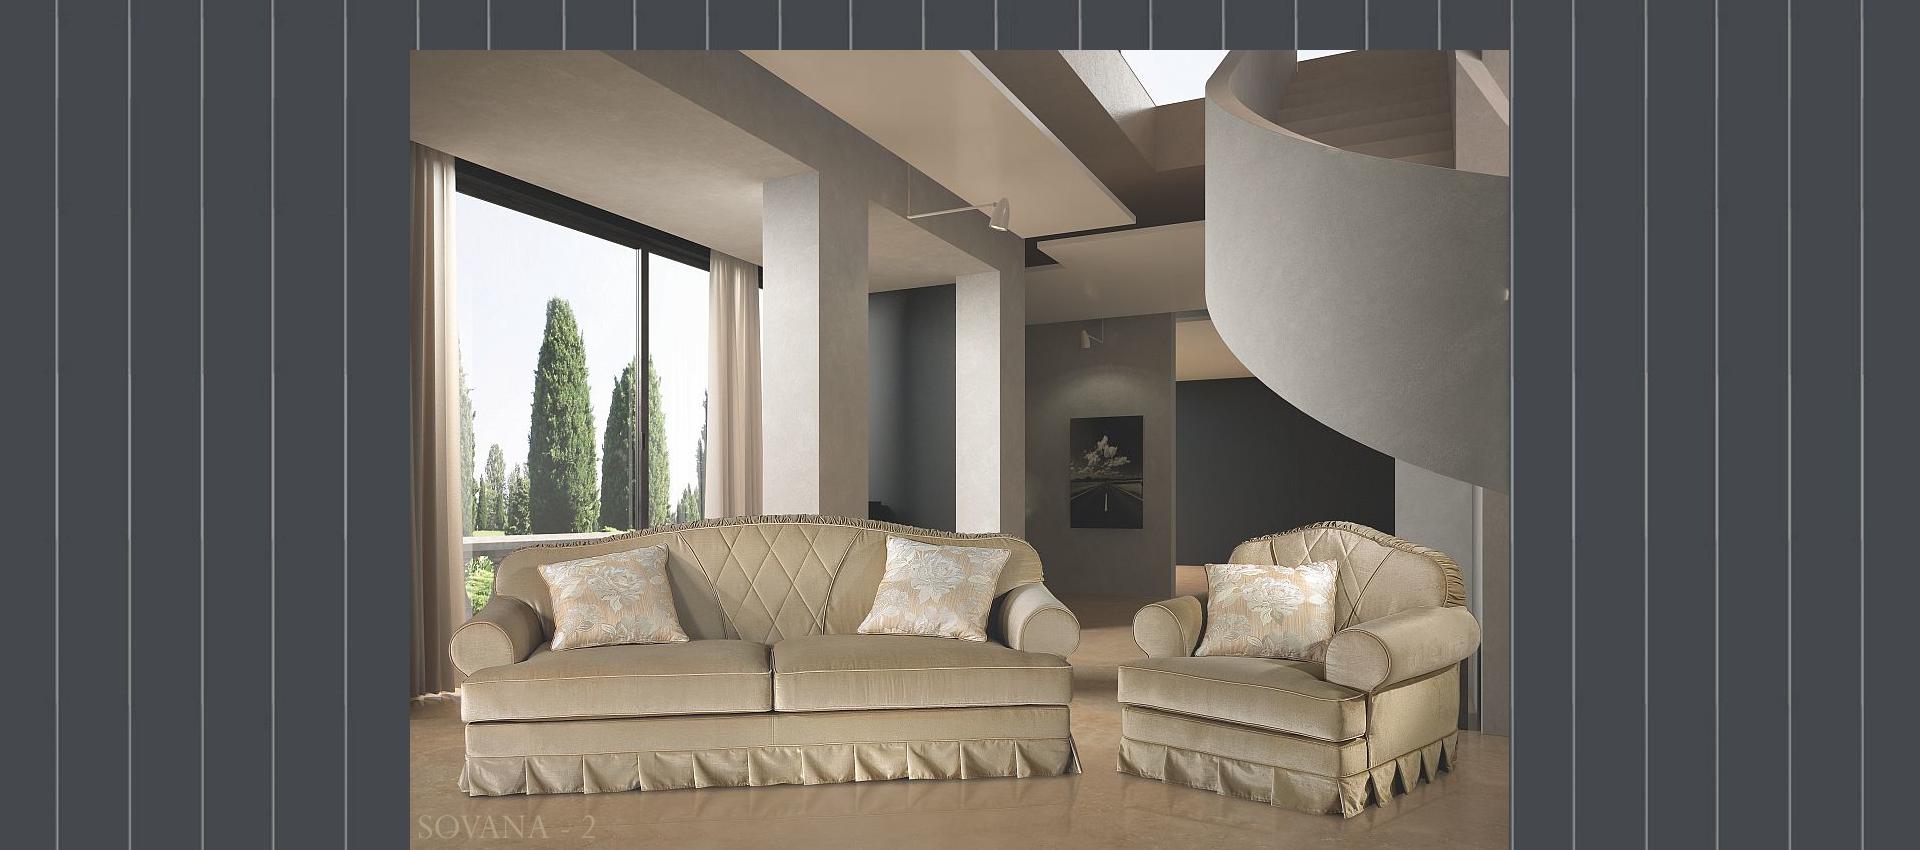 Divani italiani, divani personalizzati